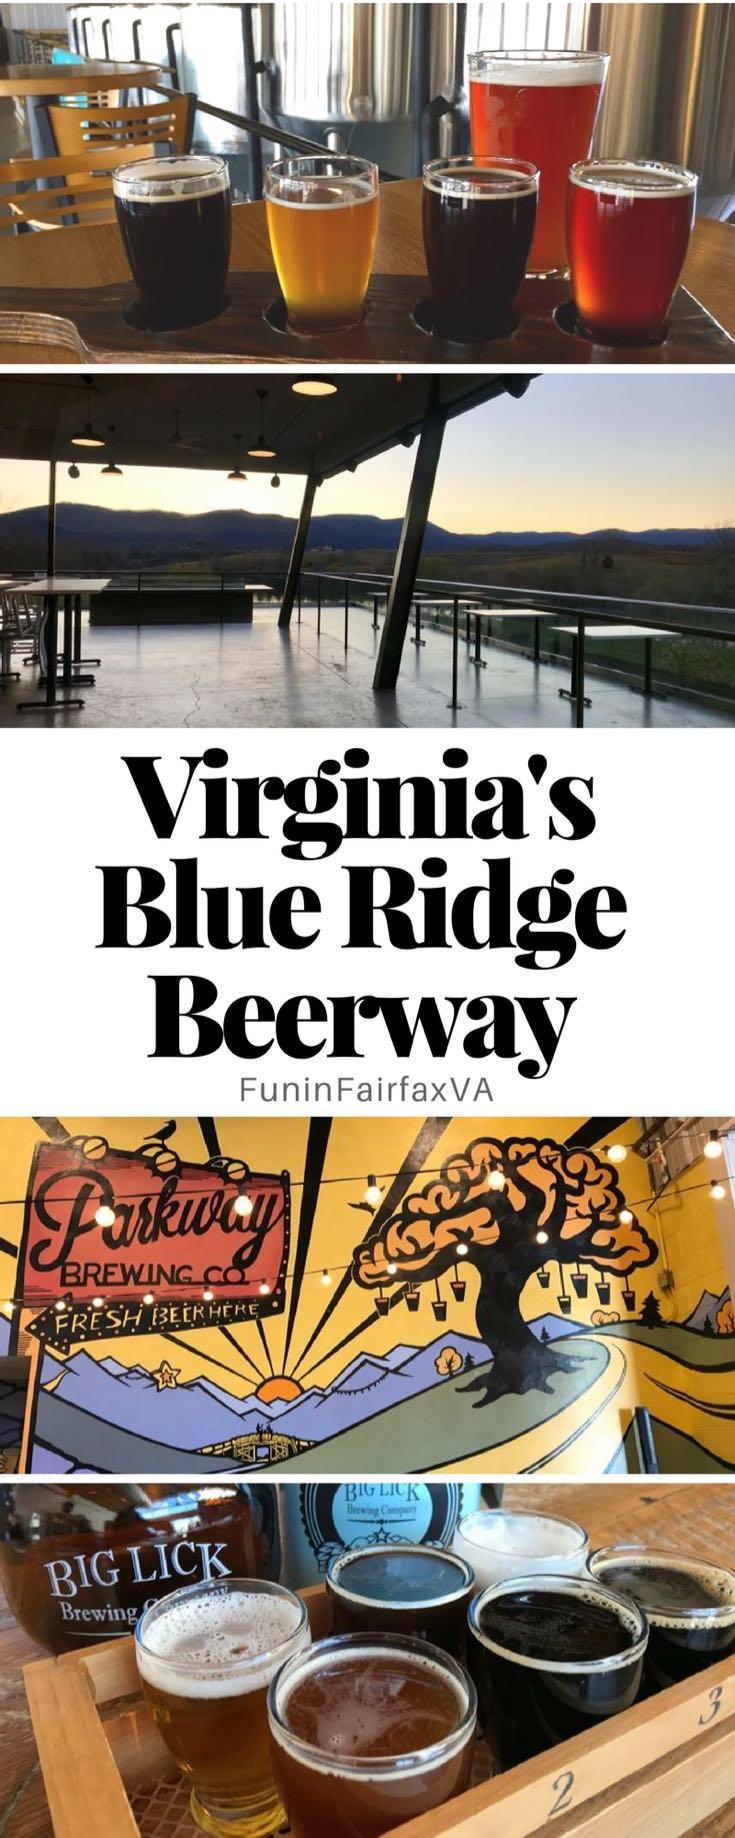 Virginia US Travel, Craft Beer. Virginia's Blue Ridge Beerway offers tasty craft beer throughout the dynamic Roanoke Valley metro-mountain region.